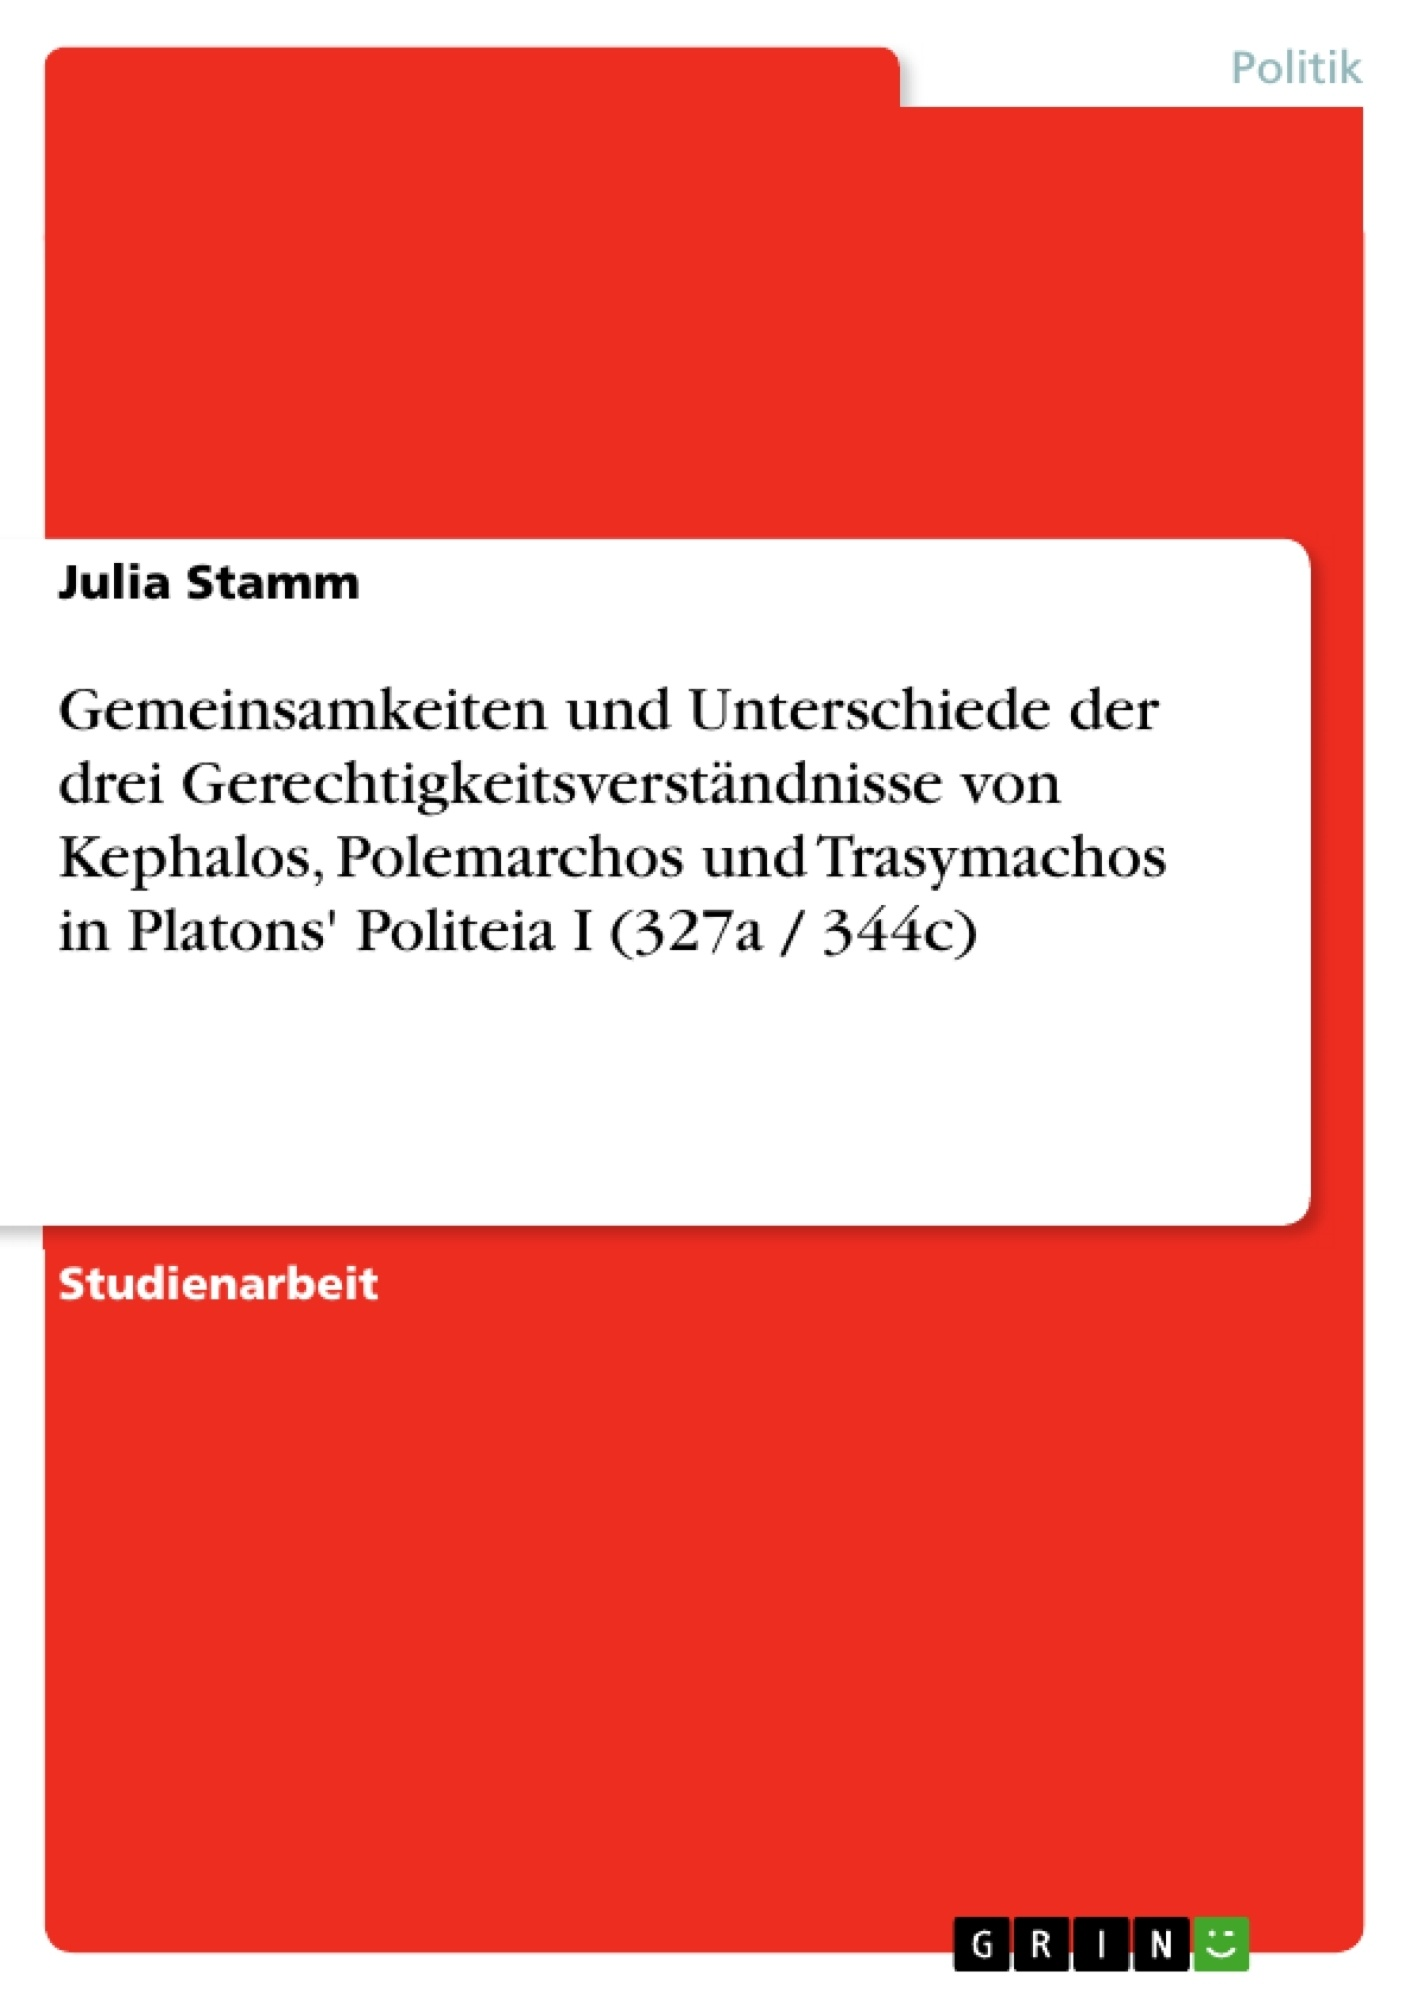 Titel: Gemeinsamkeiten und Unterschiede der drei Gerechtigkeitsverständnisse von Kephalos, Polemarchos und Trasymachos in Platons' Politeia I (327a / 344c)